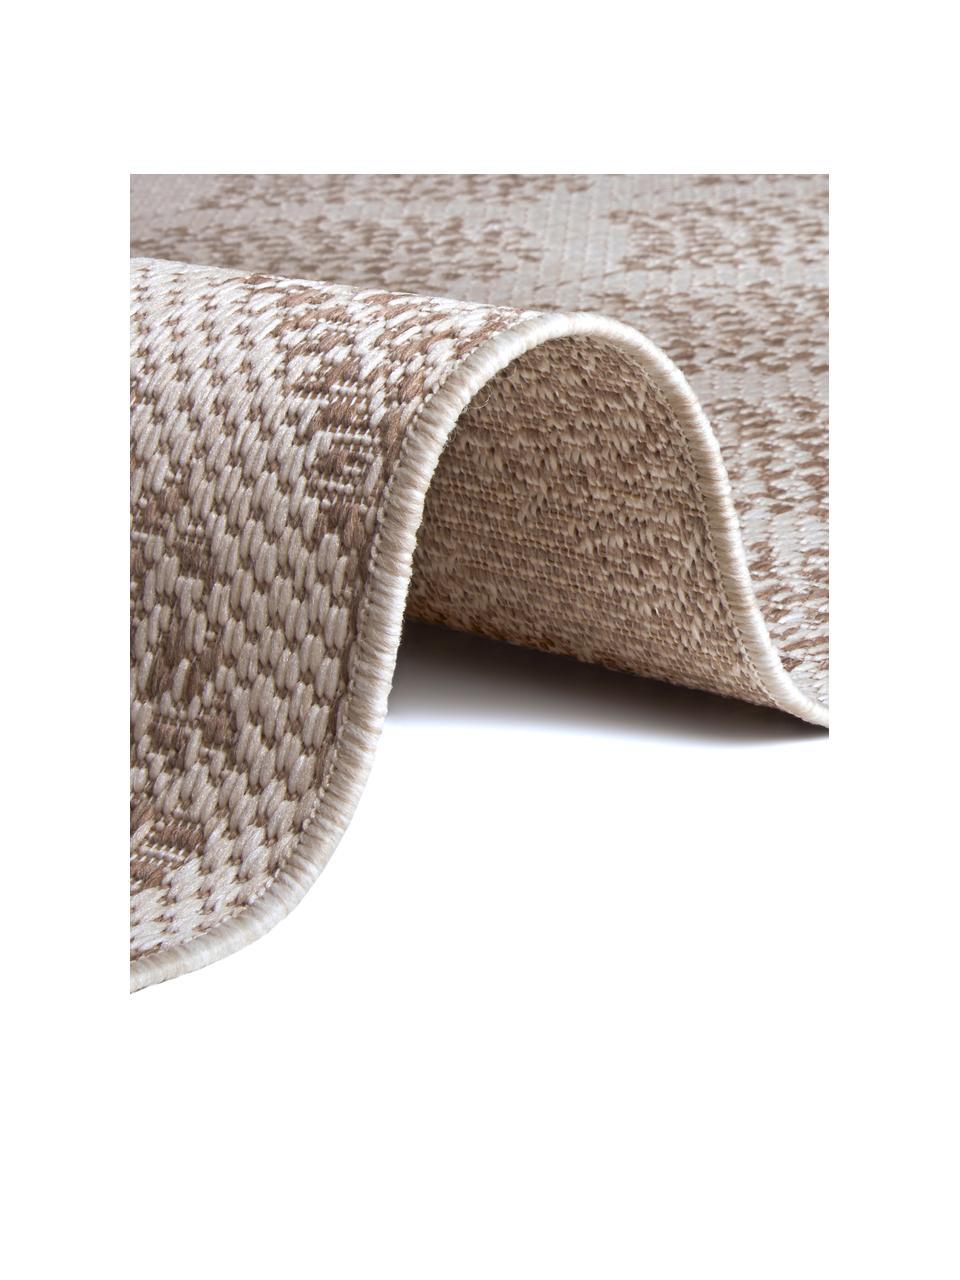 Gemusterter In- & Outdoor-Teppich Stan in Beige/Weiß, 100% Polypropylen, Hellbraun, Hellbeige, B 200 x L 290 cm (Größe L)